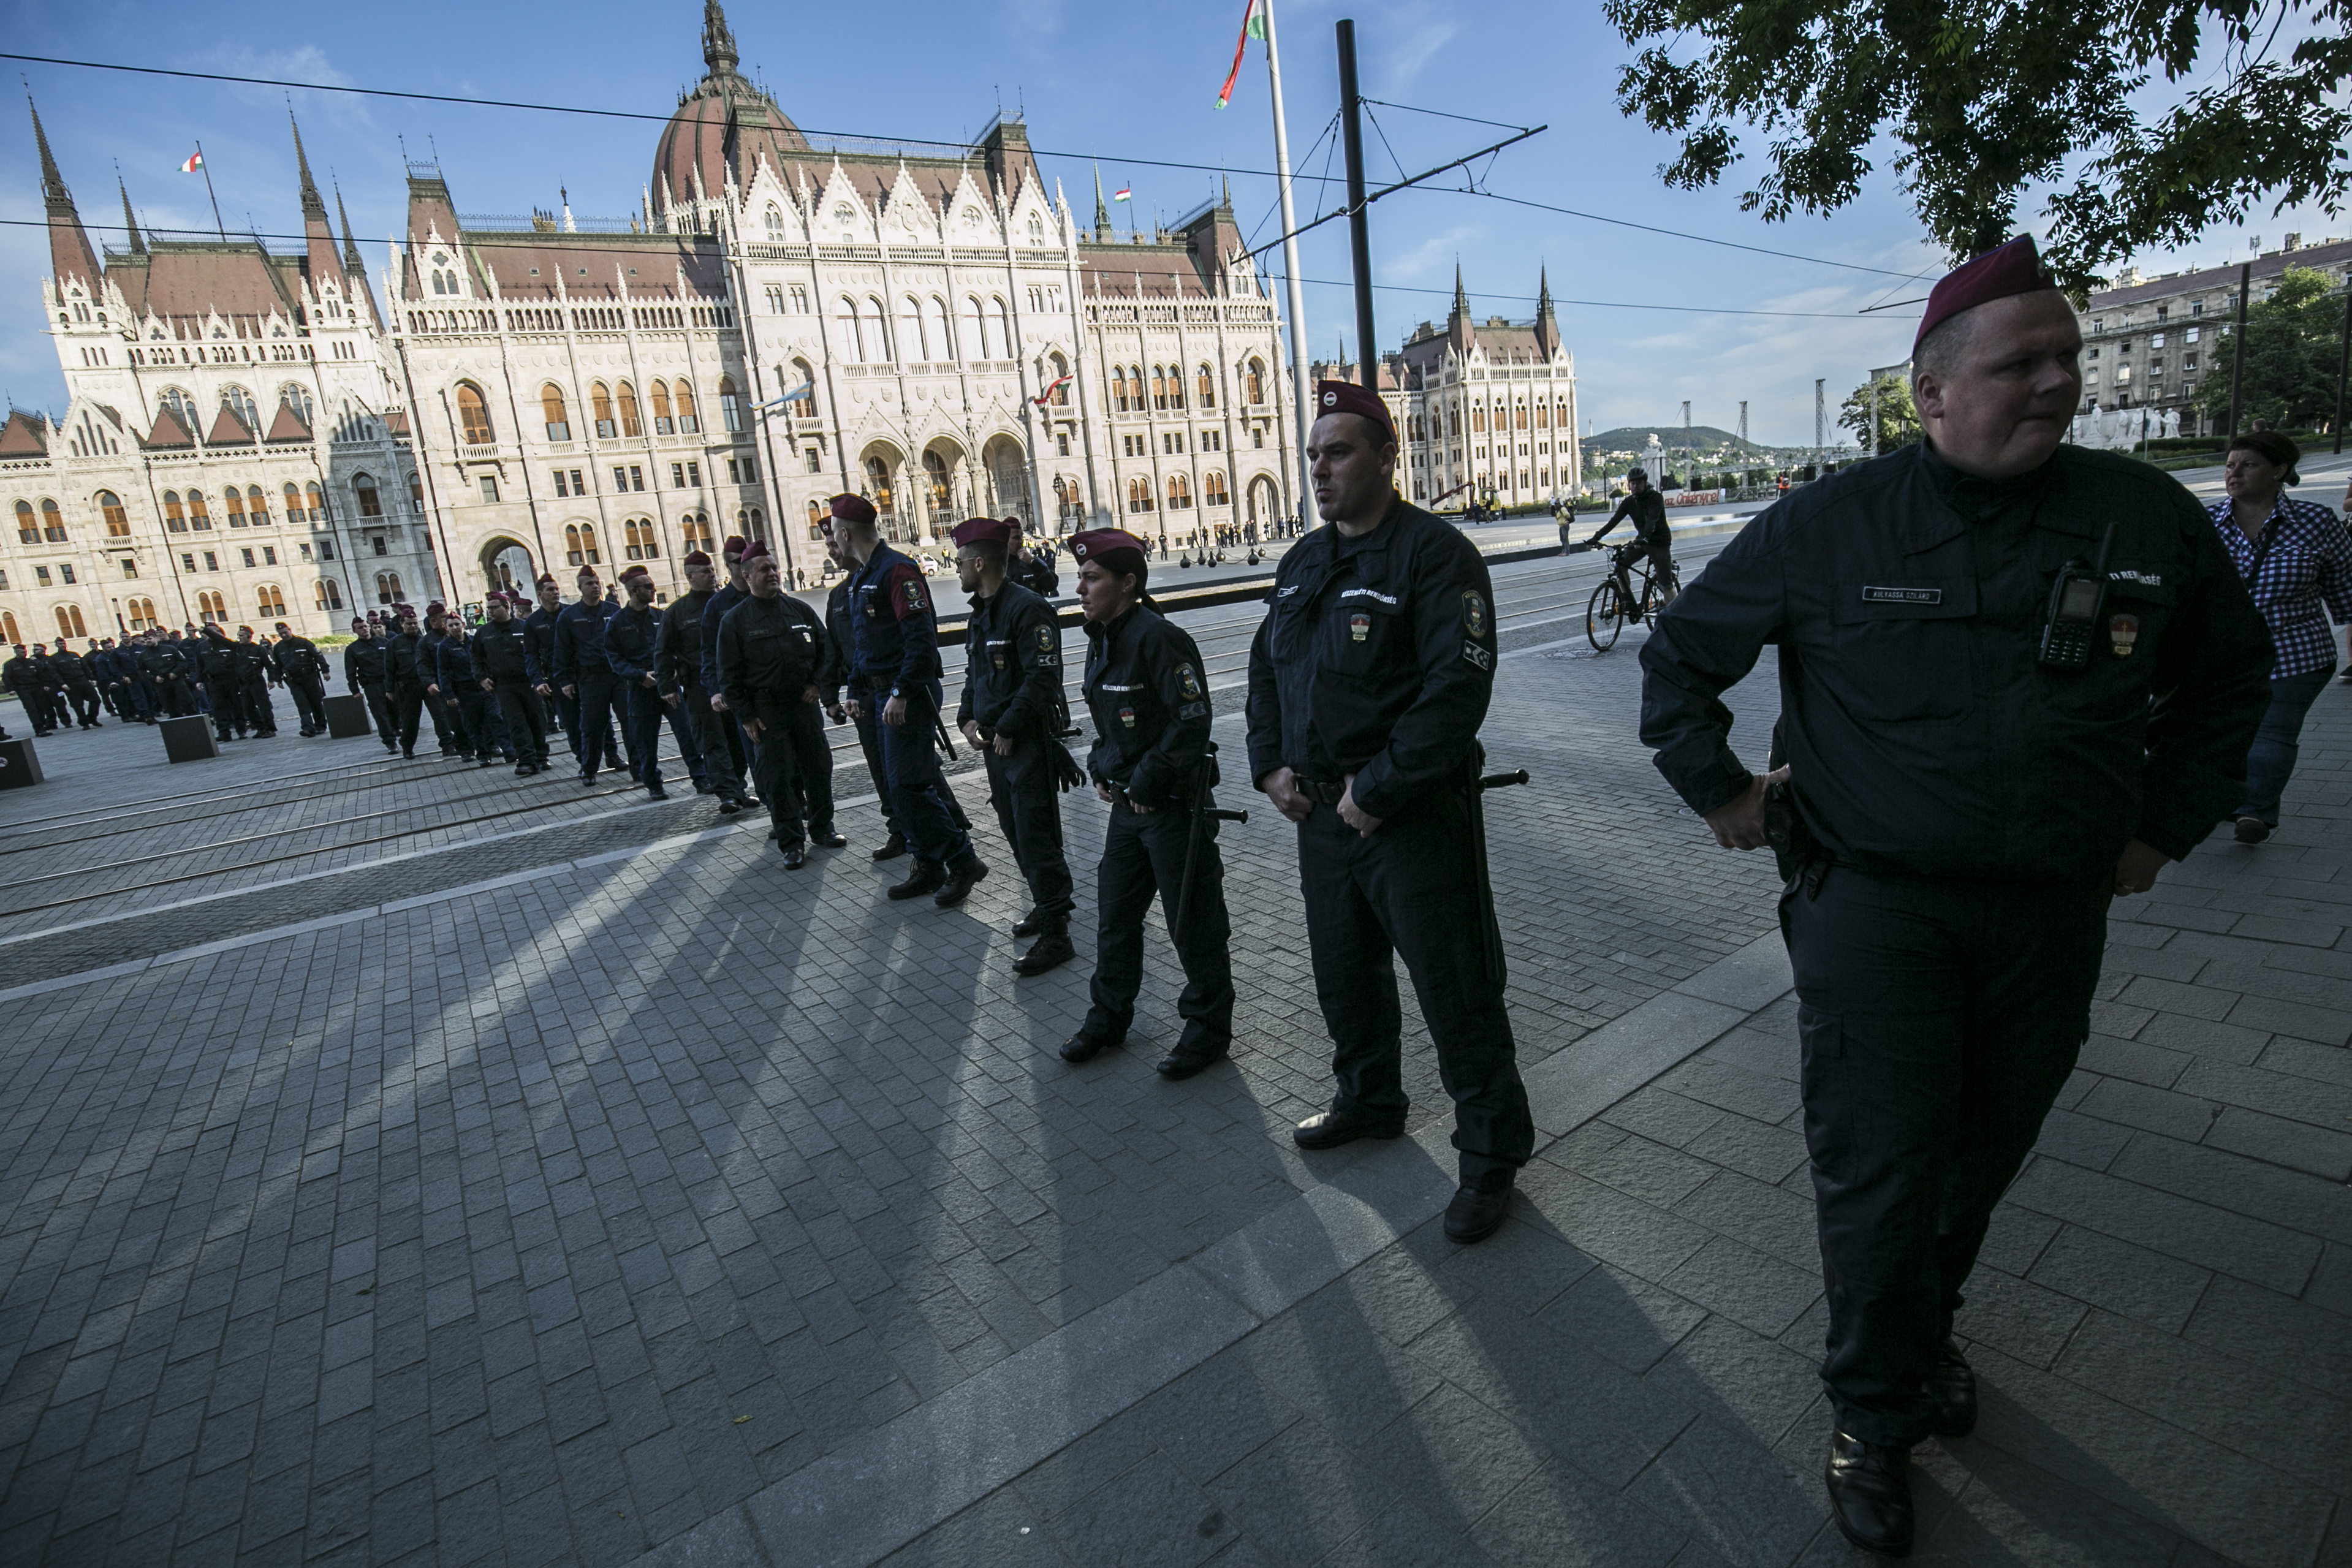 Pintér belügyminiszter szerint nincs létszámhiány a rendőrségnél